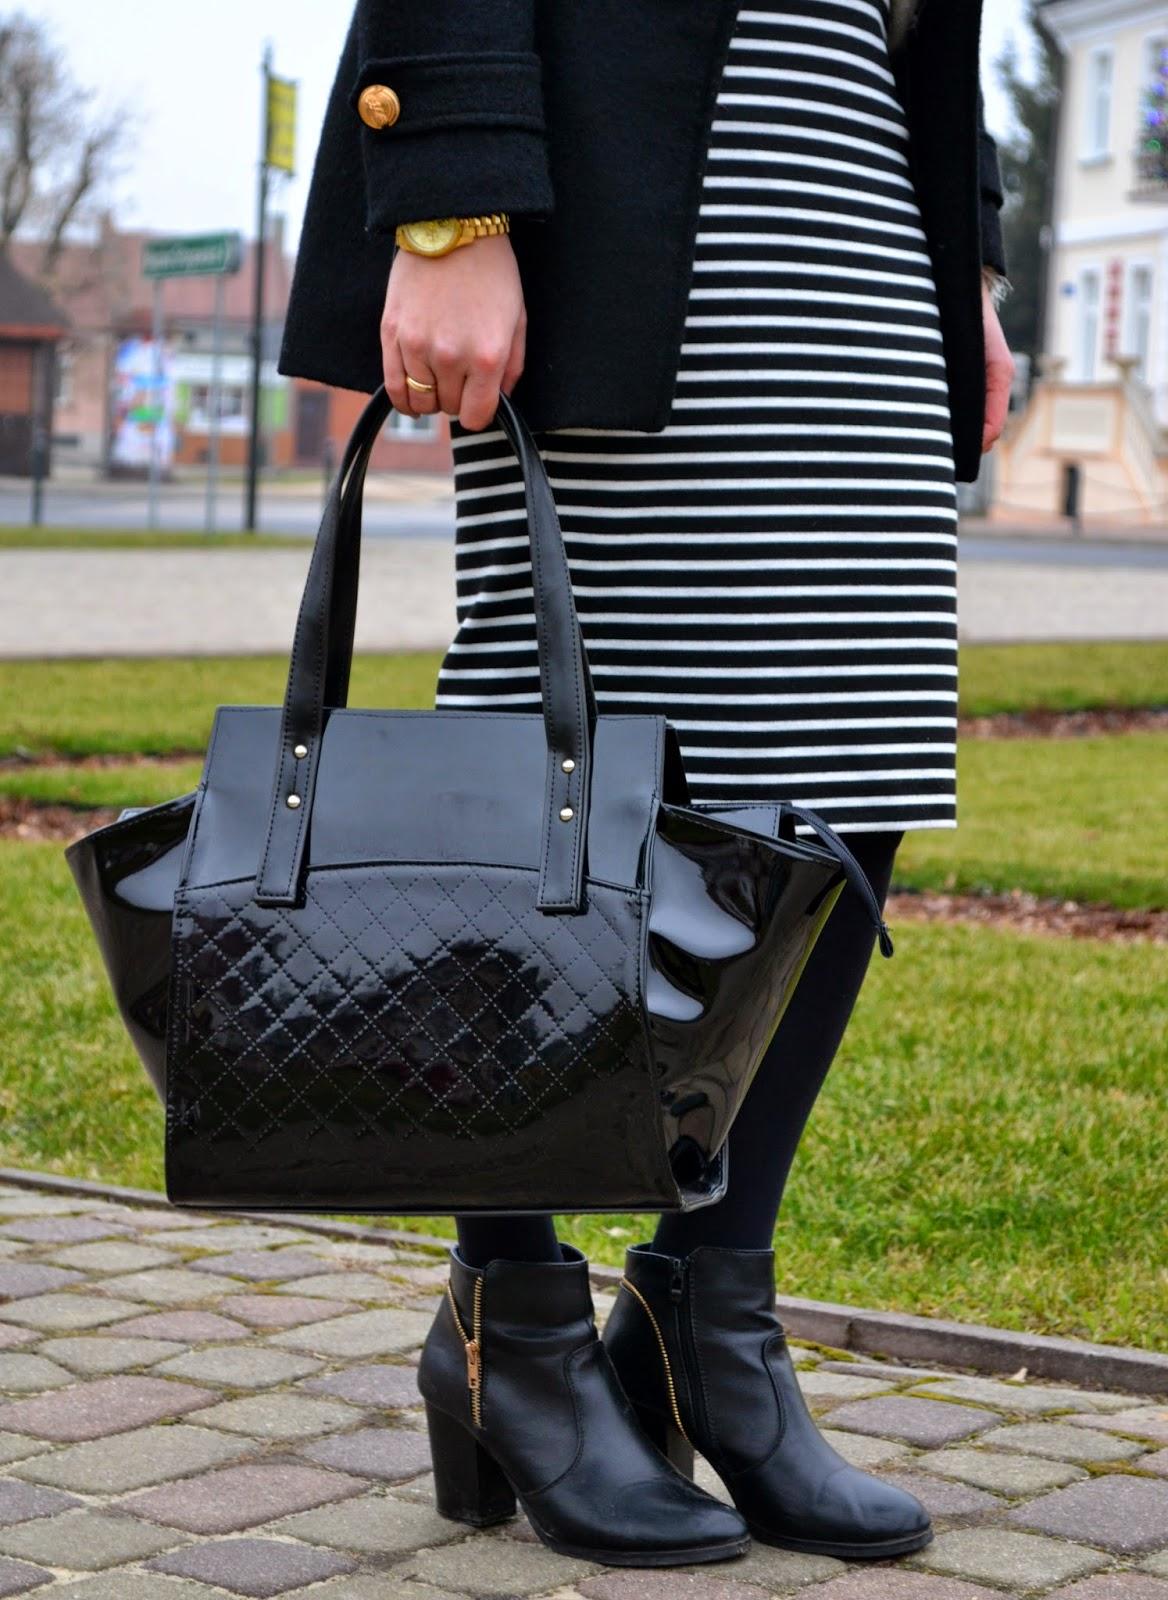 spódnica midi, spodnica w paski, lakierowana torba, czarna torebka, botki z zamkiem, stylizacja do pracy